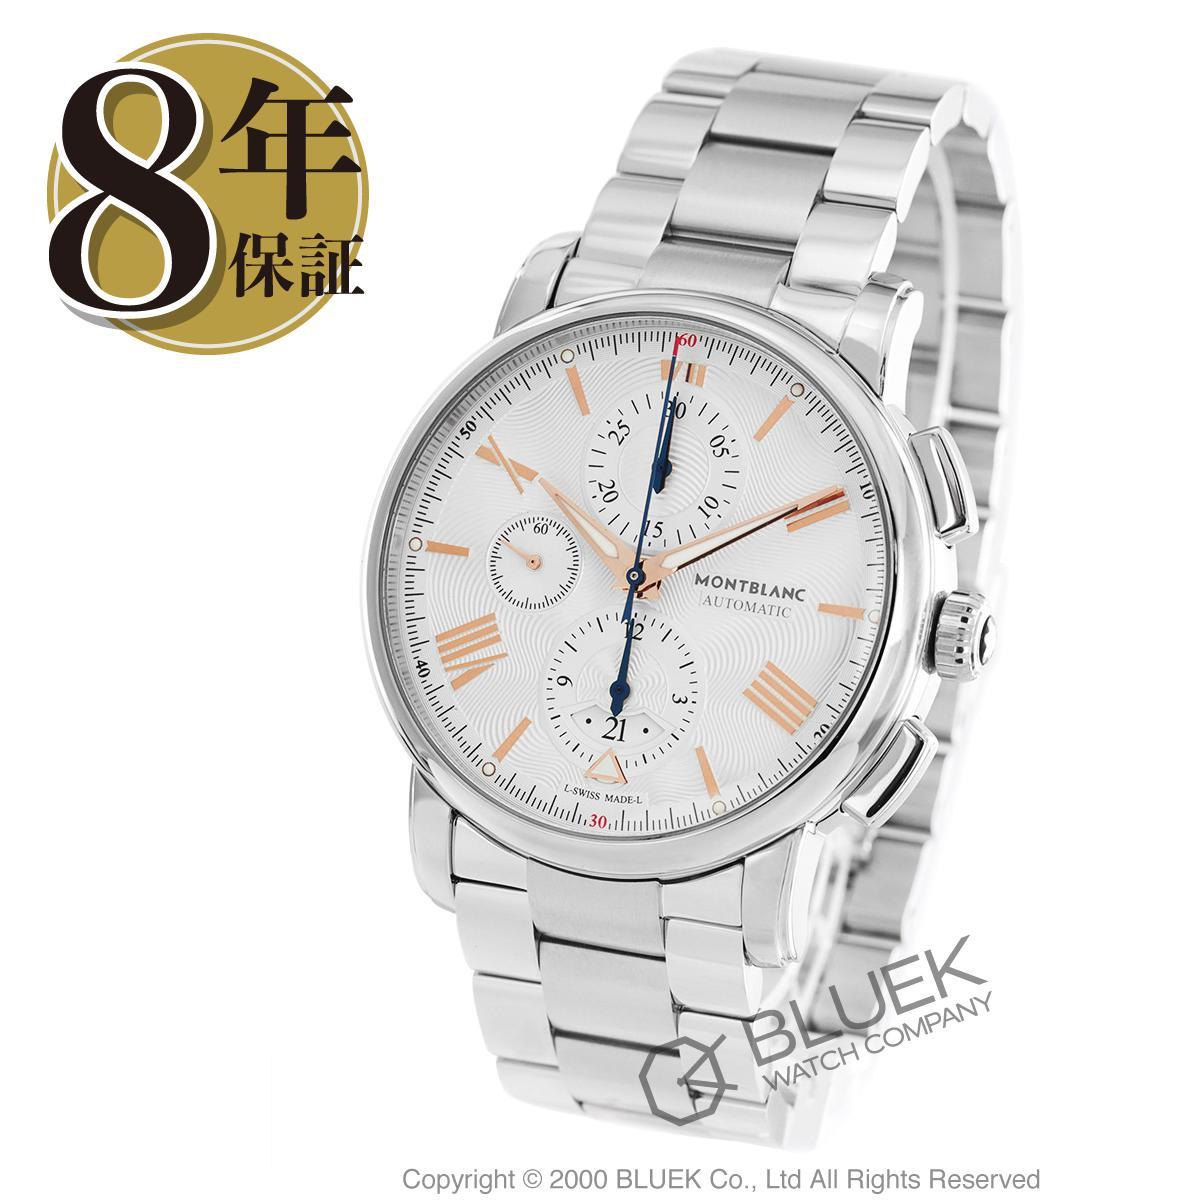 【6,000円OFFクーポン対象】モンブラン 4810 クロノグラフ 腕時計 メンズ MONTBLANC 114856_8